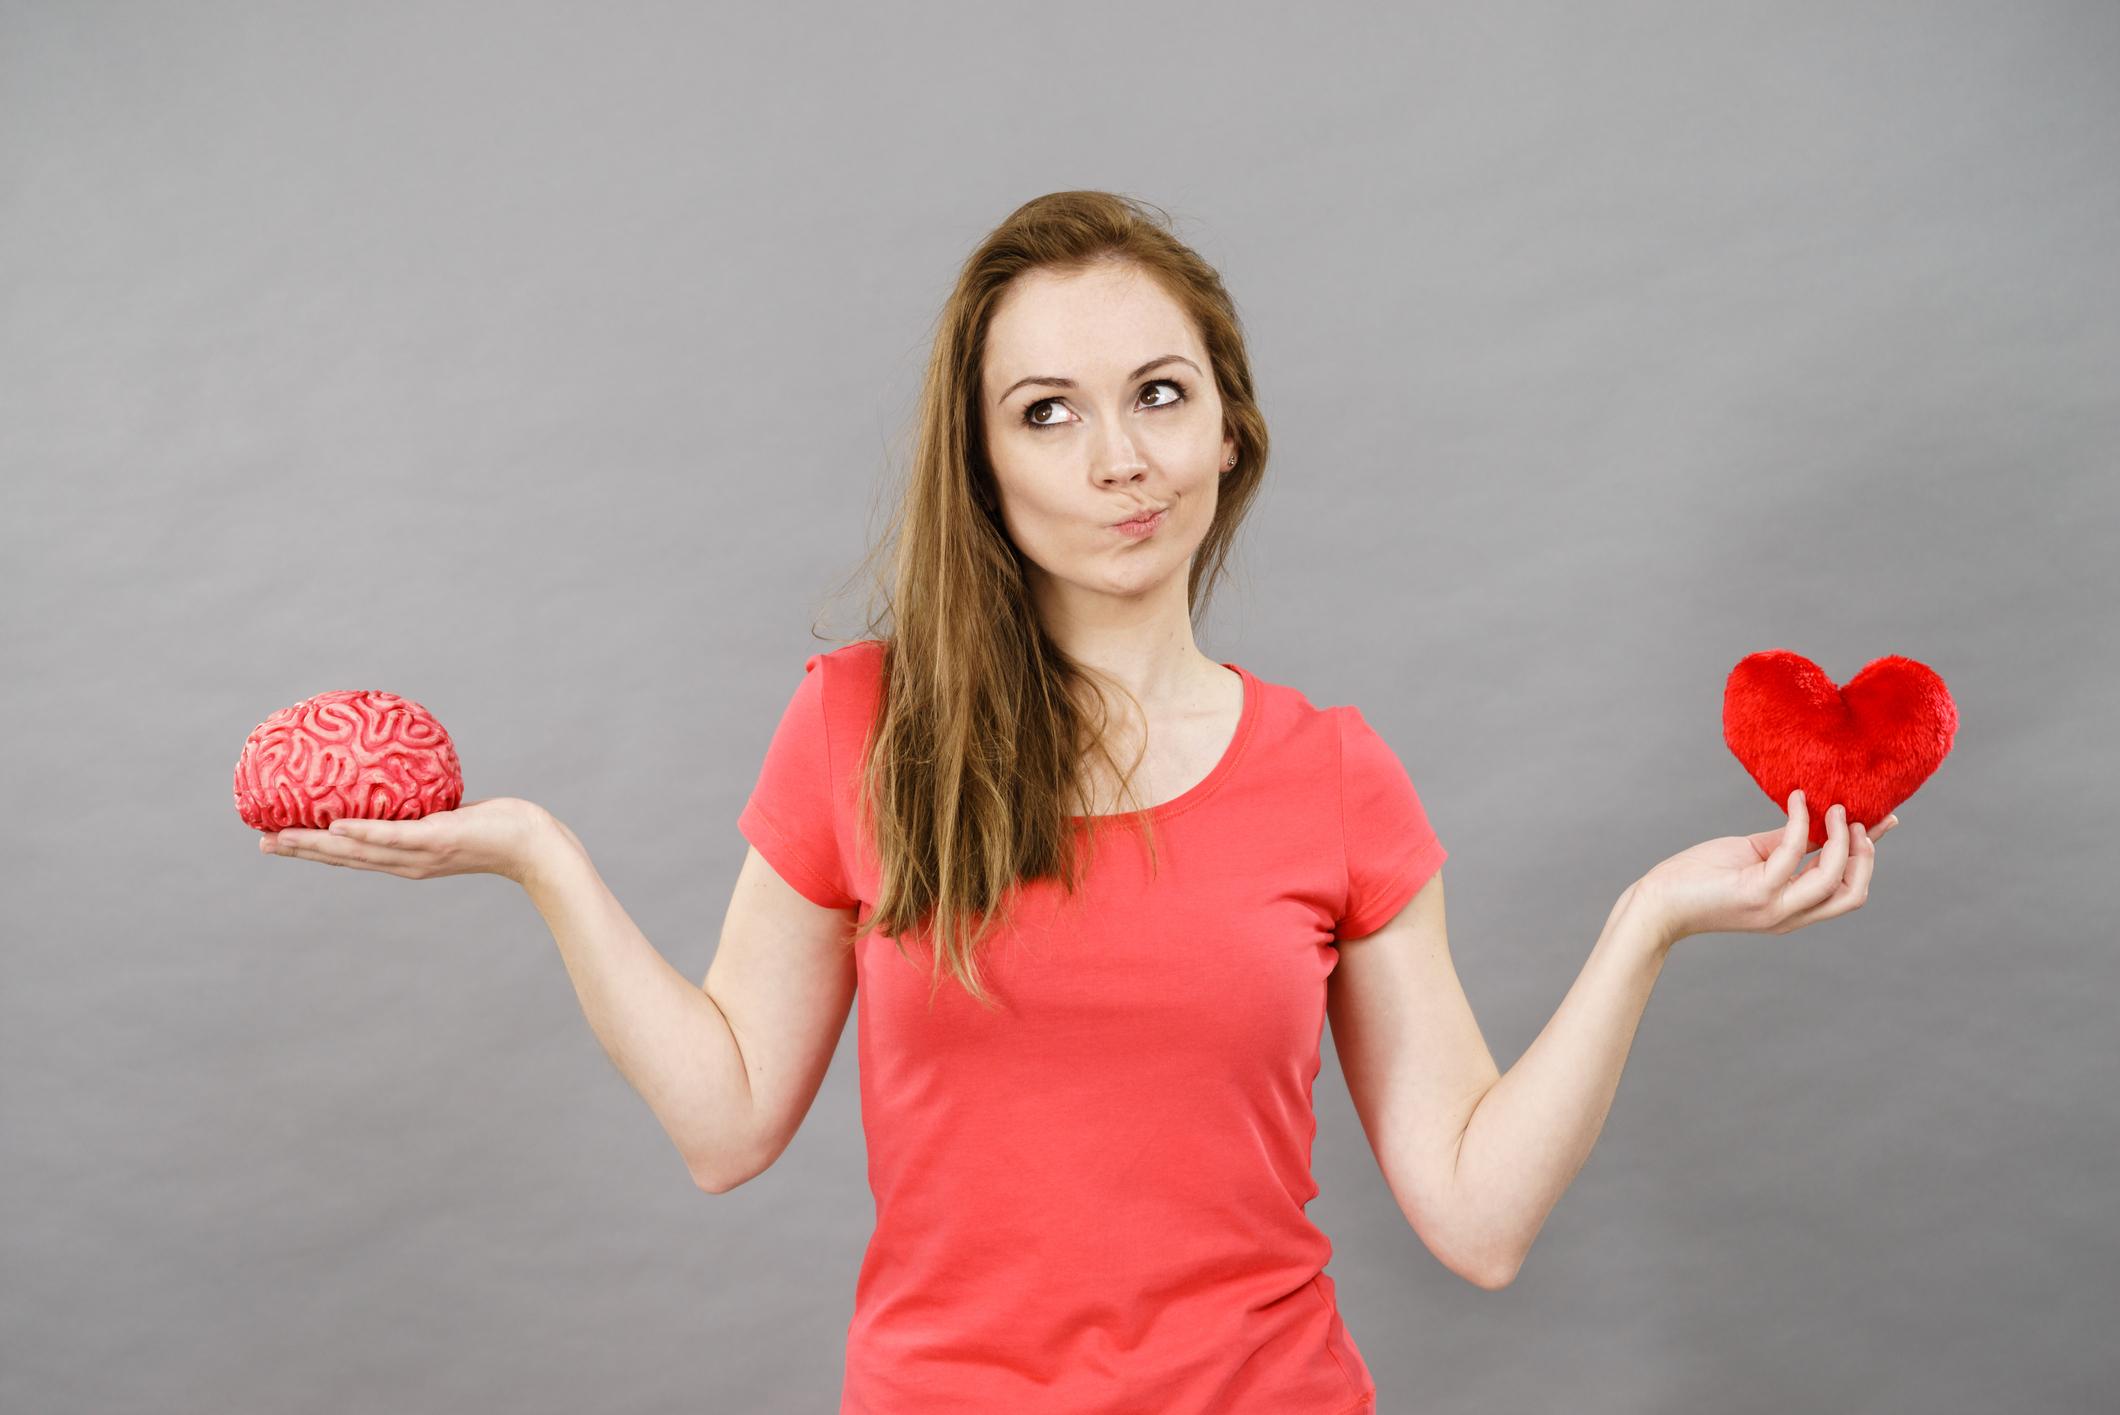 Hjärta & Hjärna för framgång på jobbet - Kurs